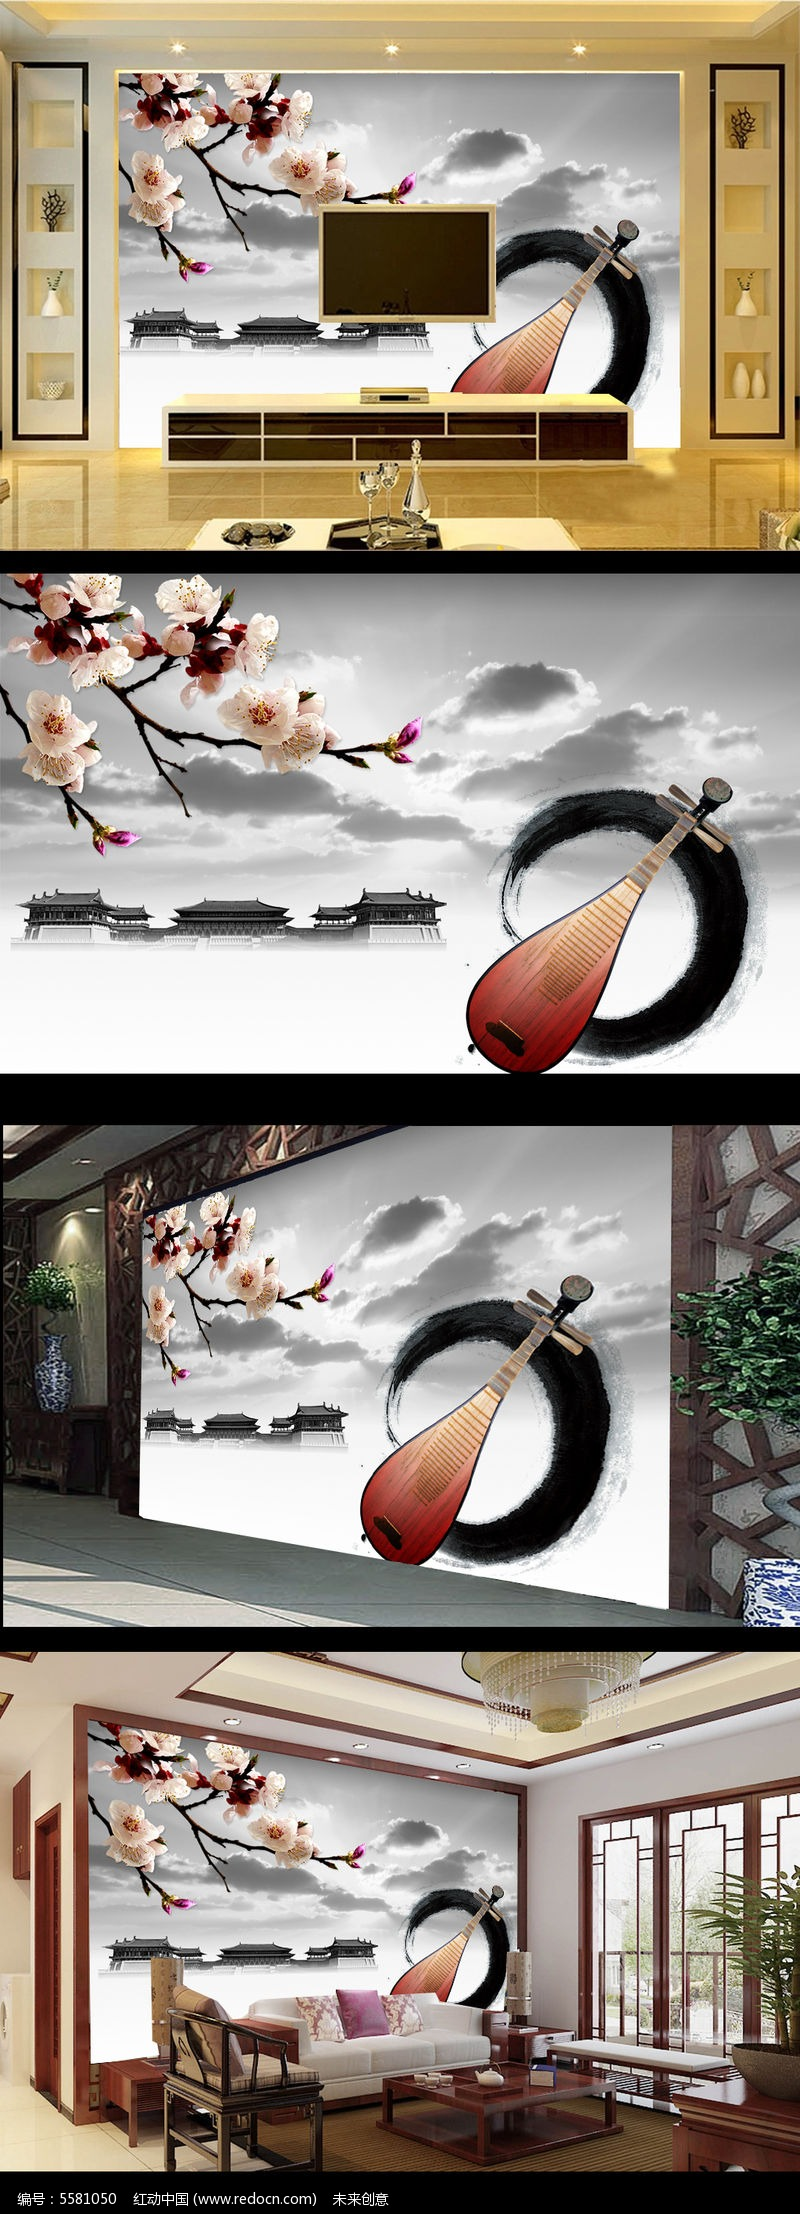 古典中式古筝桃花电视背景墙图片